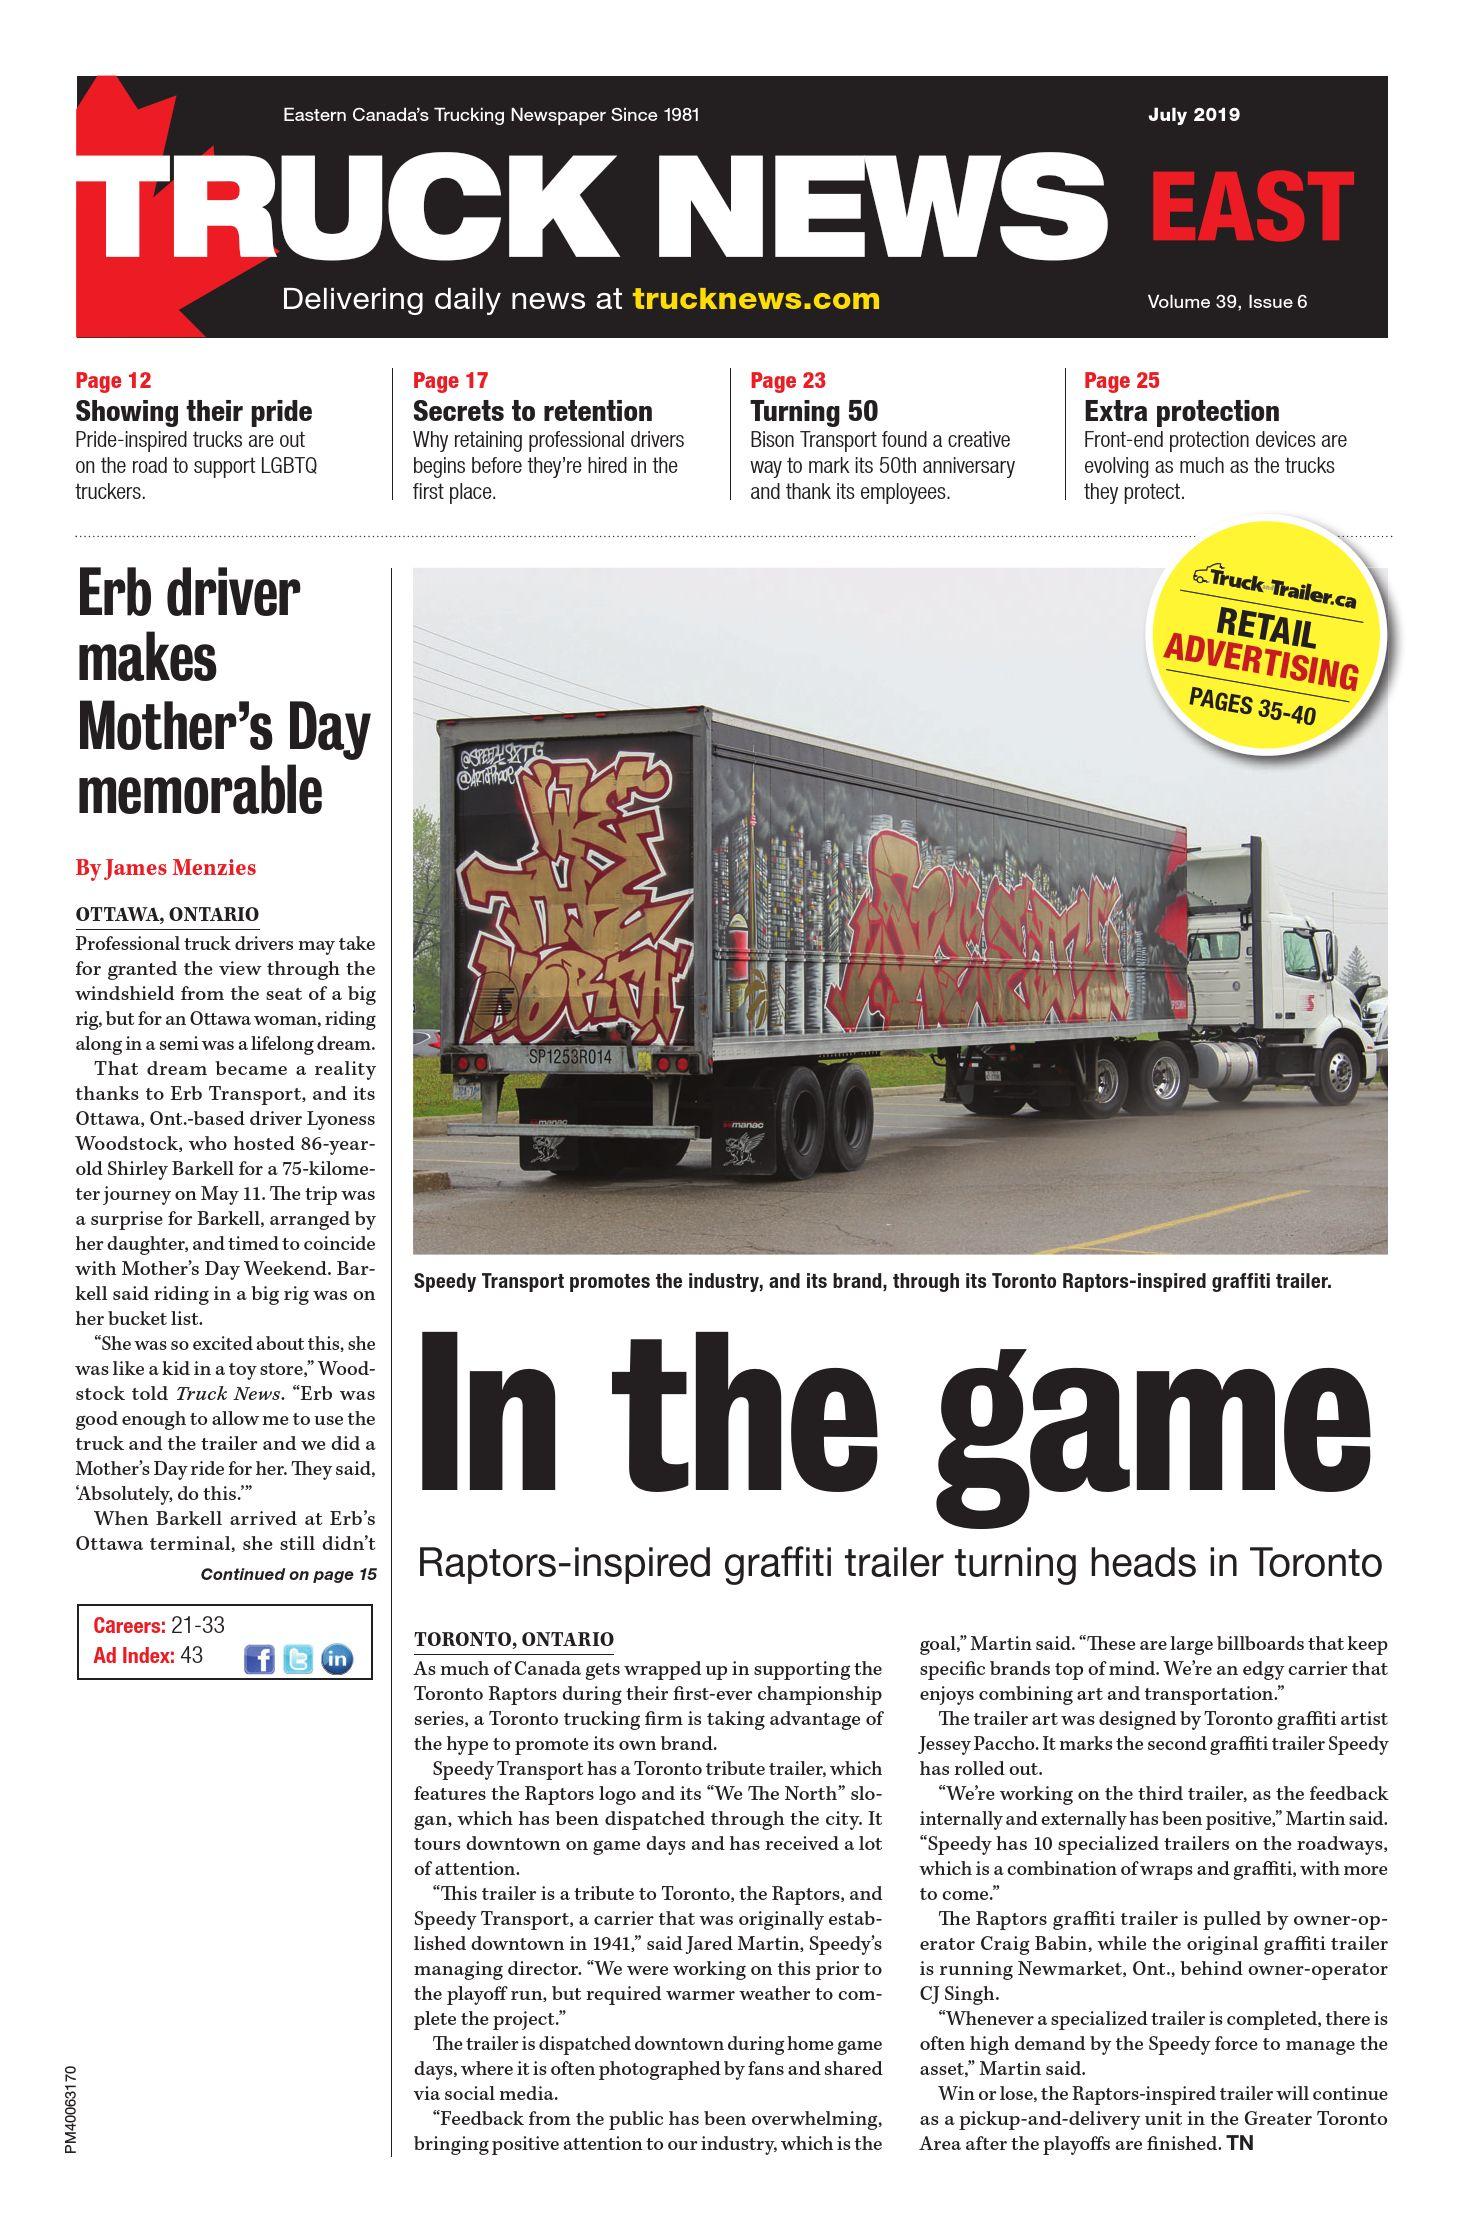 Truck News East – 1 juillet 2019